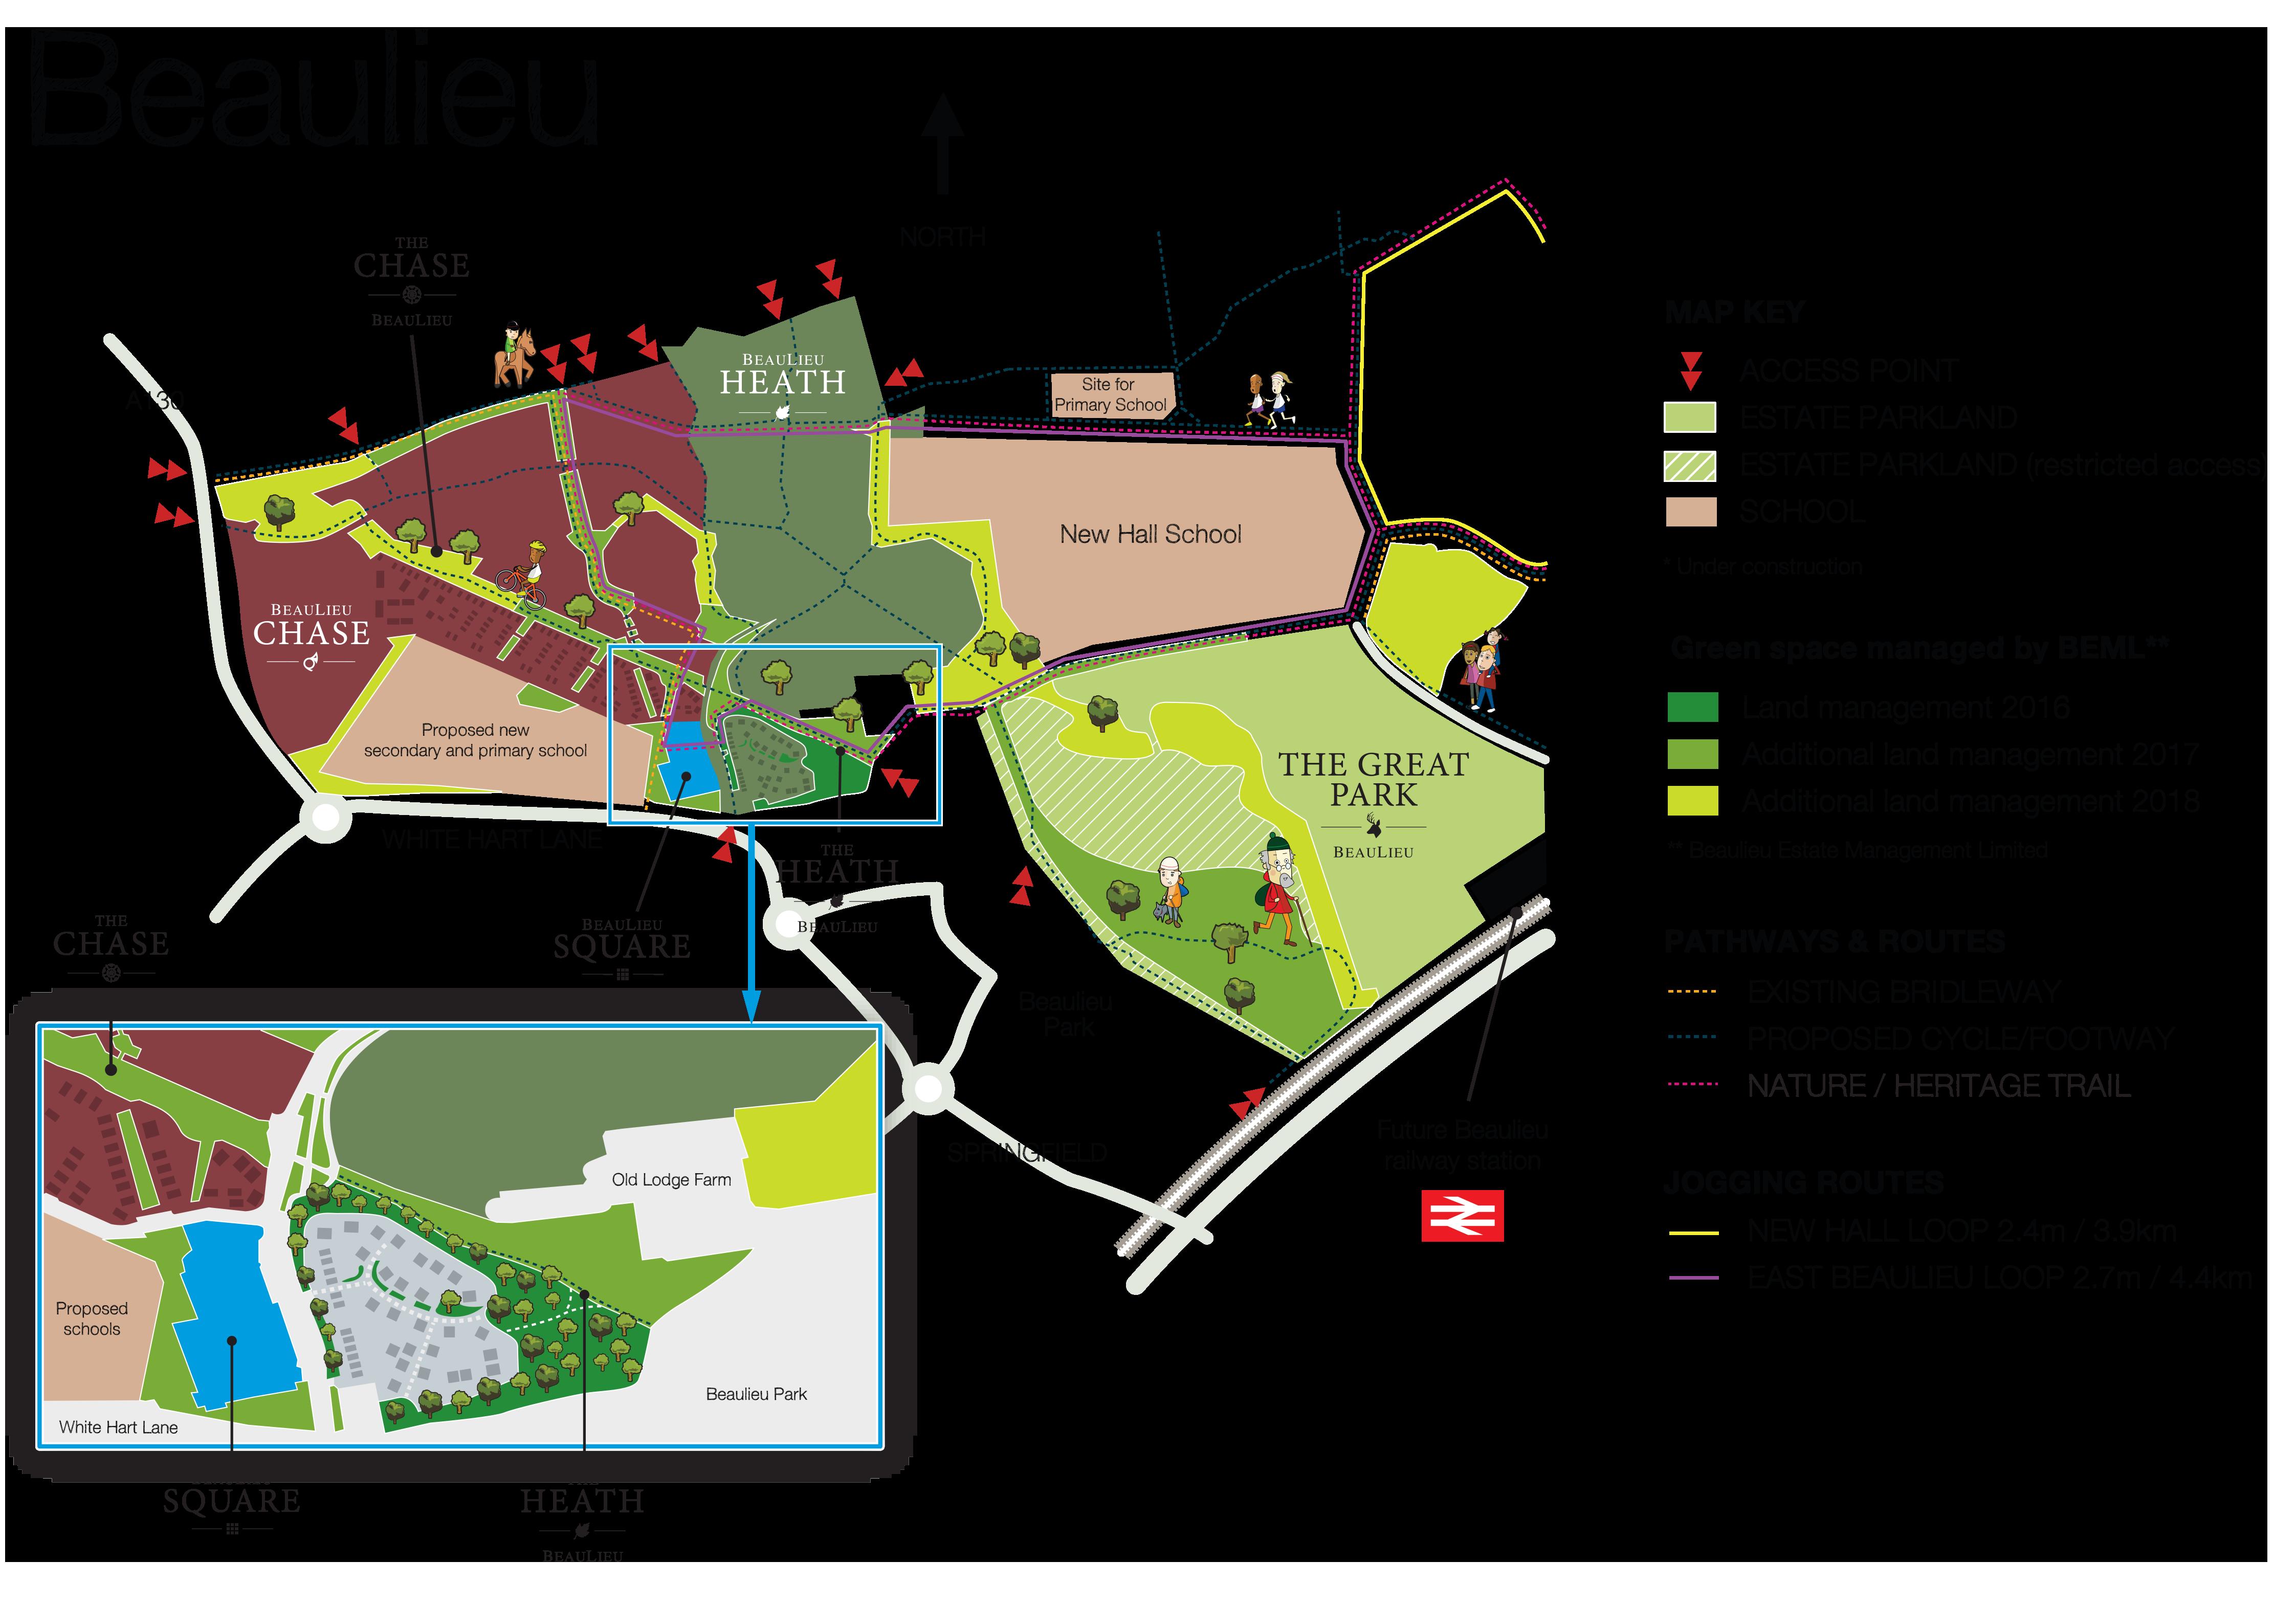 Beaulieu map